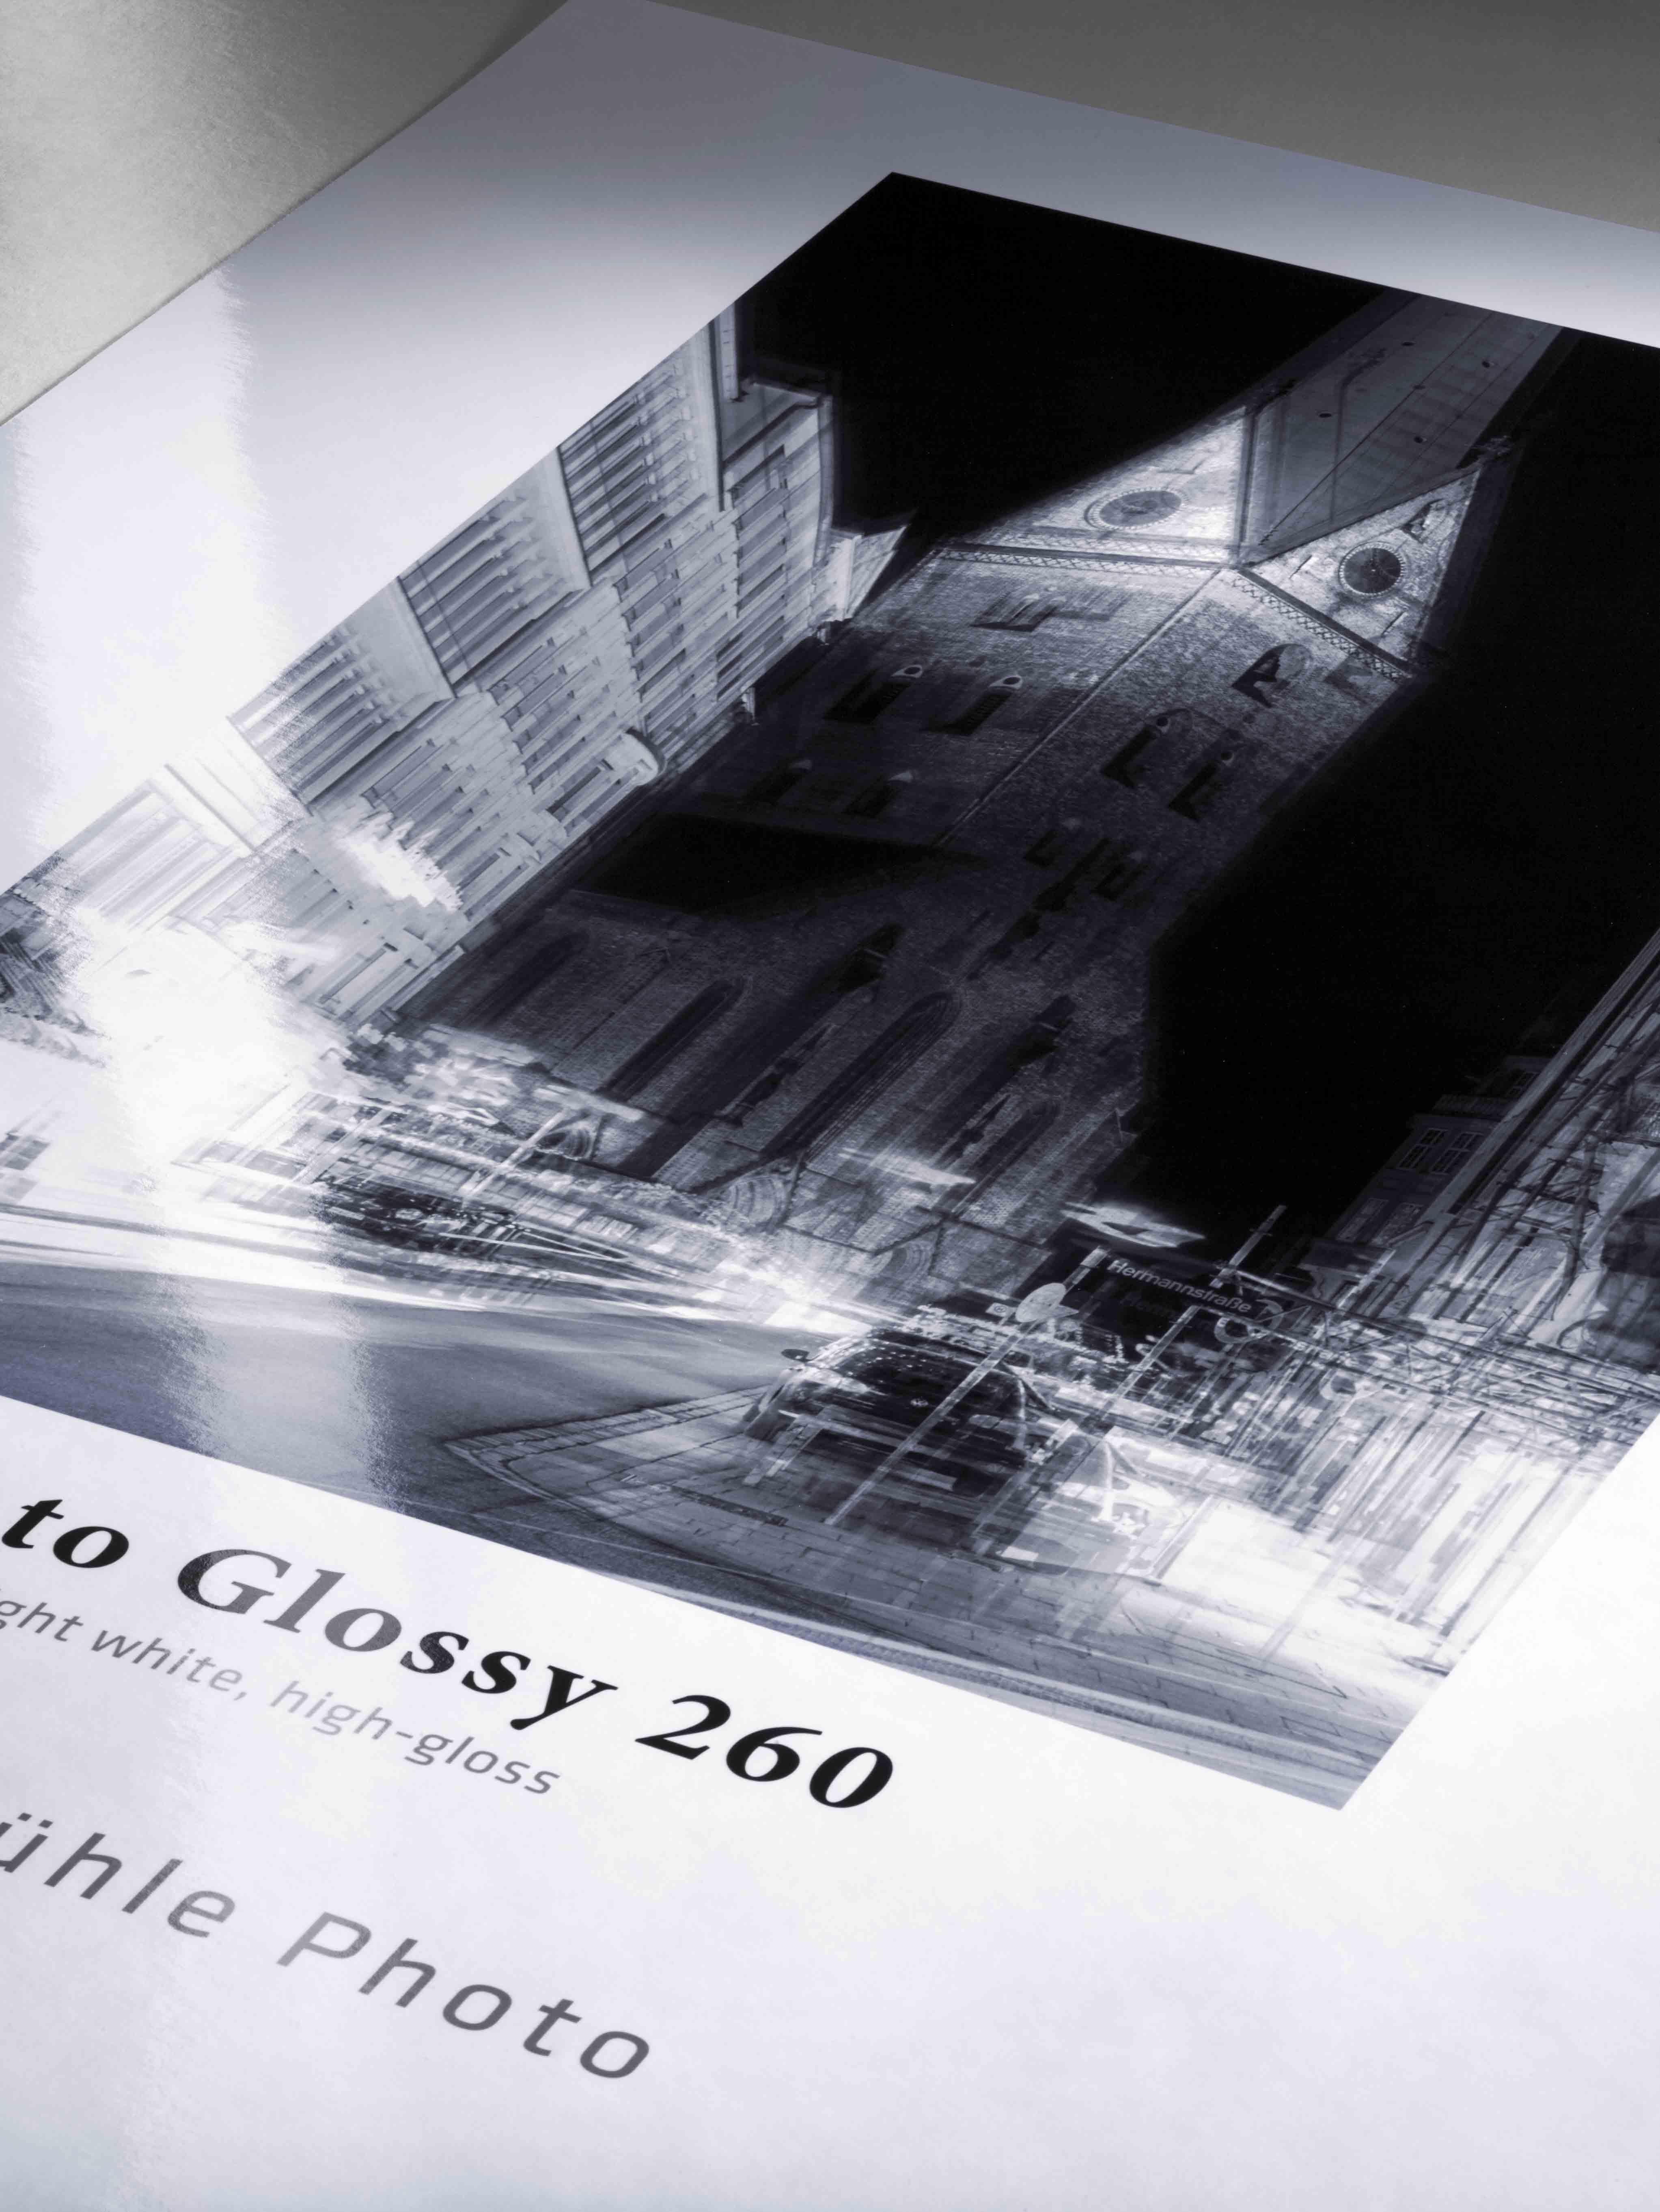 Hahnemühle Photo Glossy 260. Papier brillant, 260 g/m². Utilisation quotidienne.